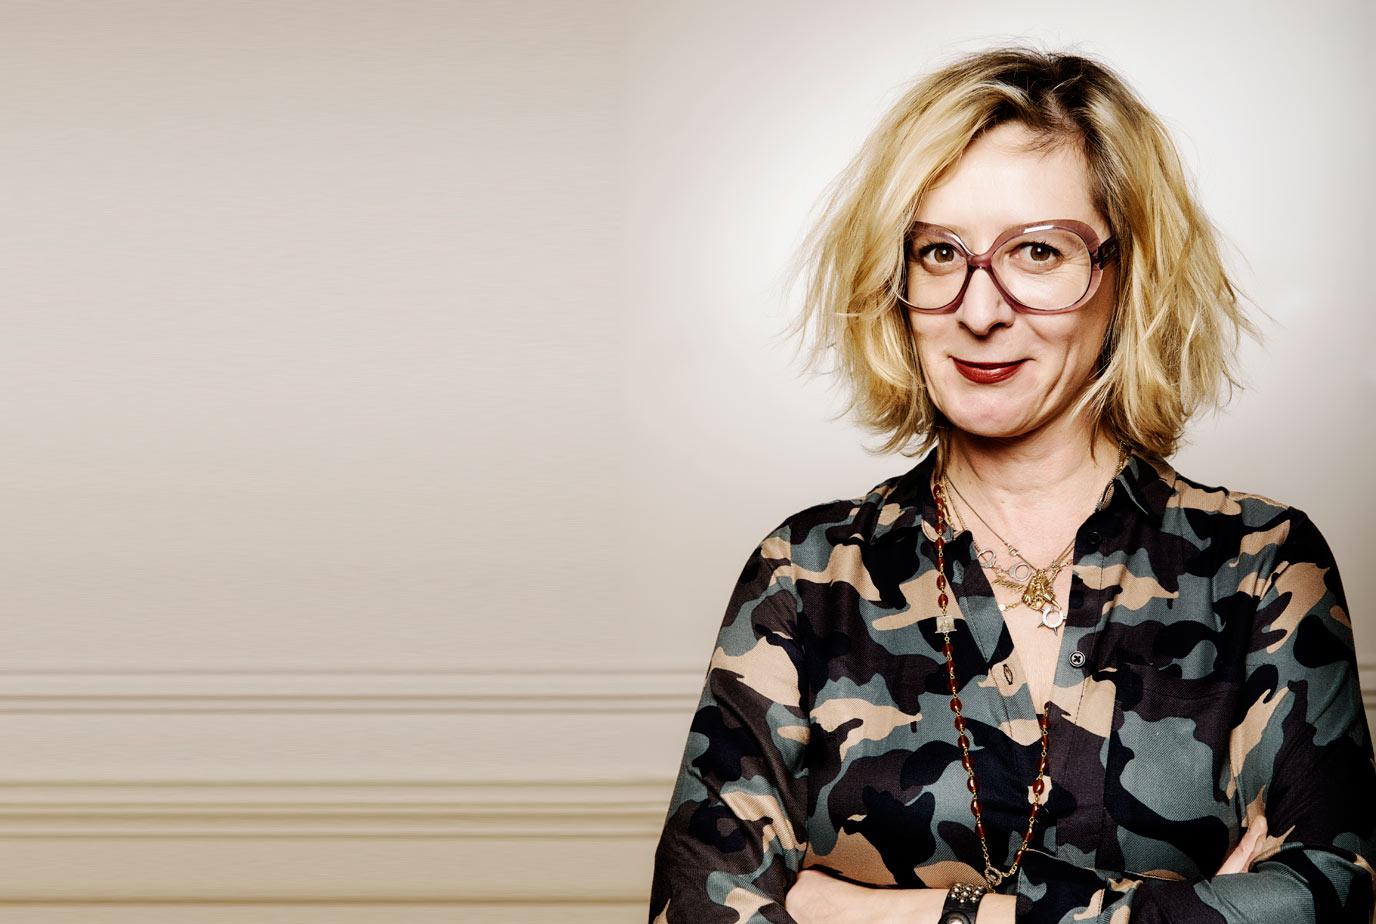 Monica Bonvicini vince il prestigioso Oskar Kokoschka Preis: è la seconda volta nella storia per un artista italiano